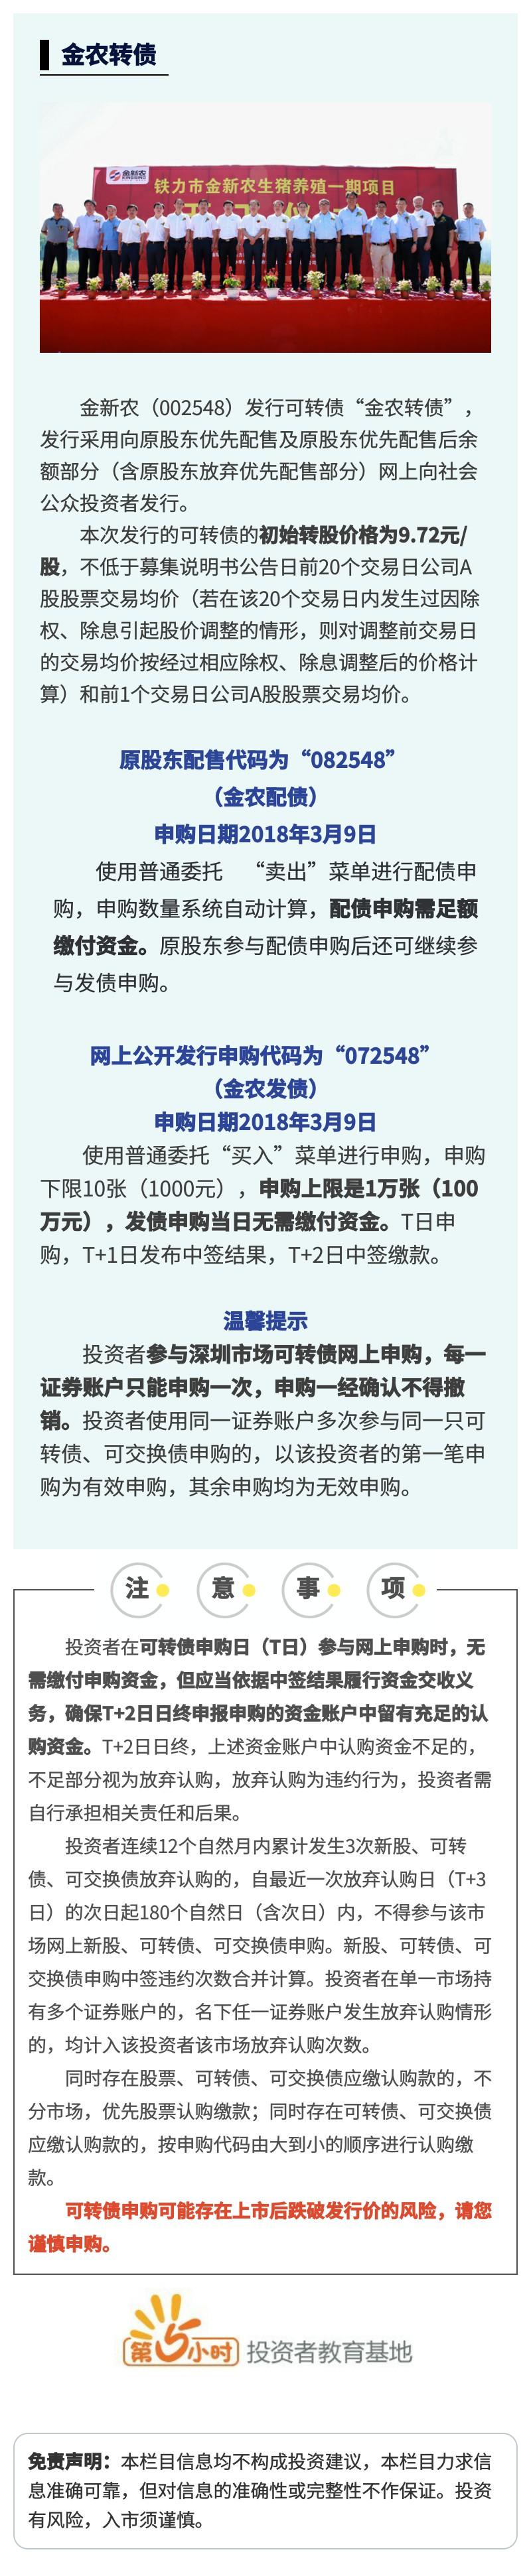 【新债申购】金新农公开发行可转换公司债.jpg